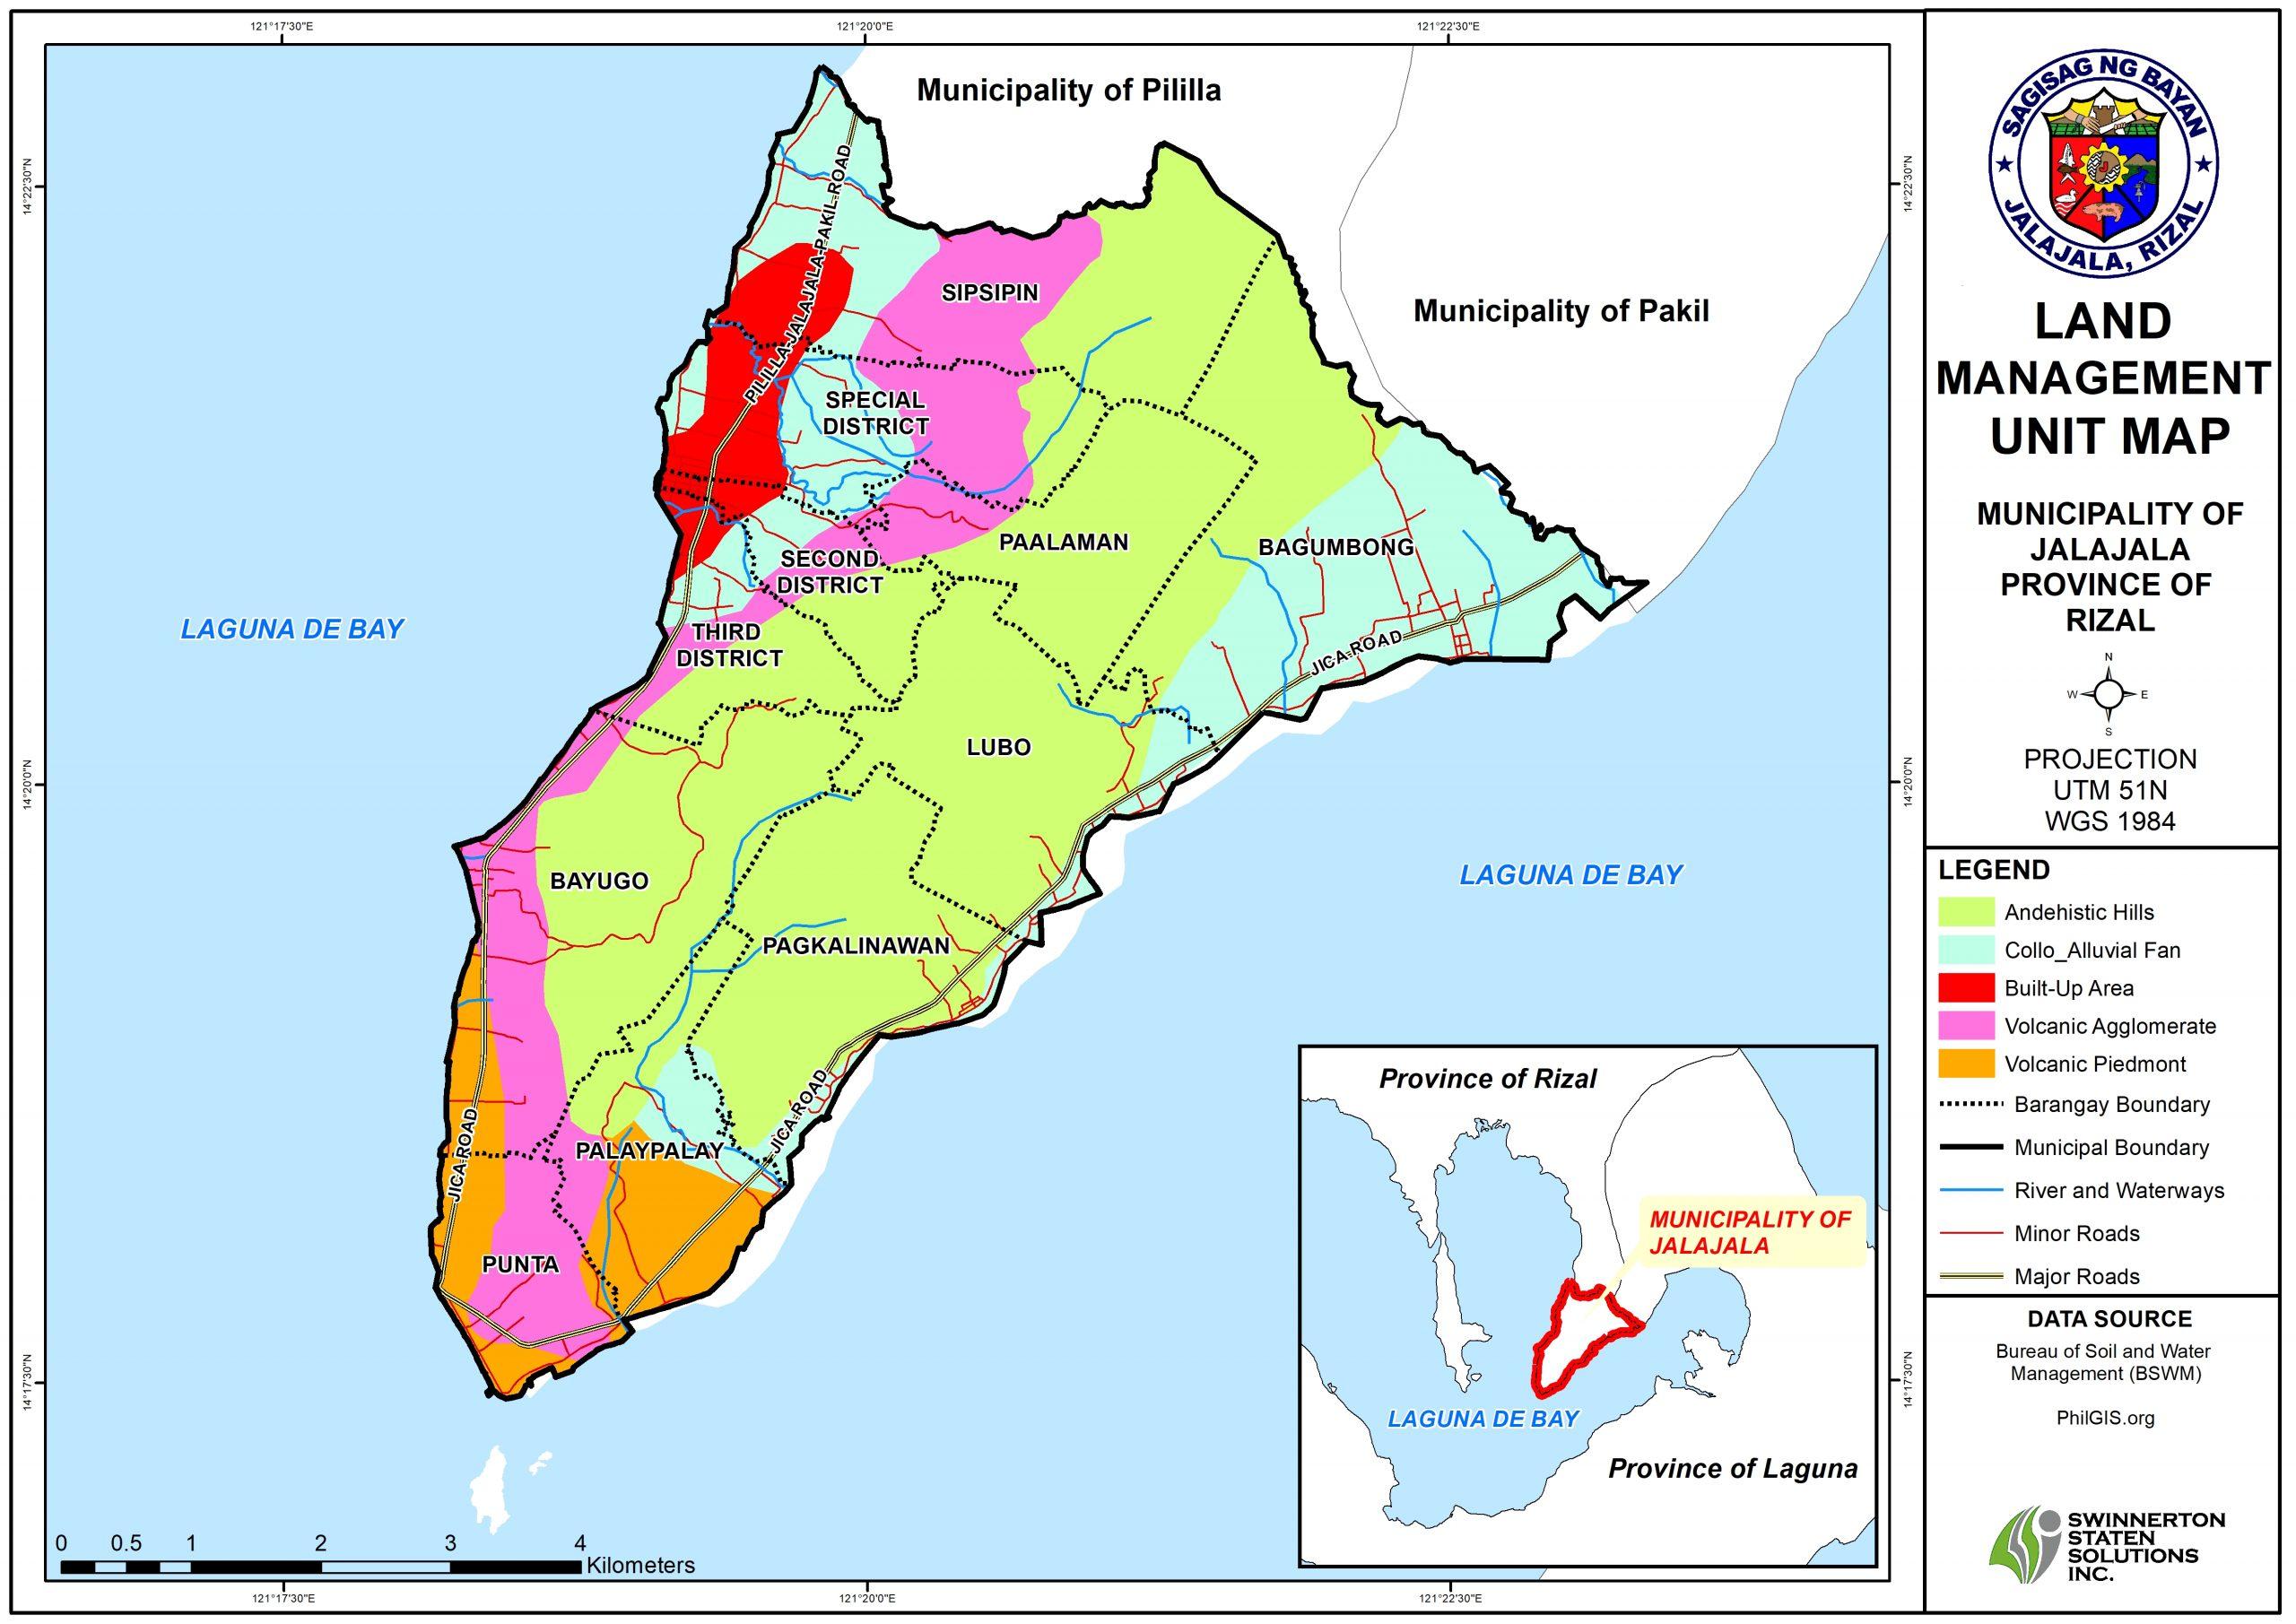 LAND MANAGEMENT UNIT MAP